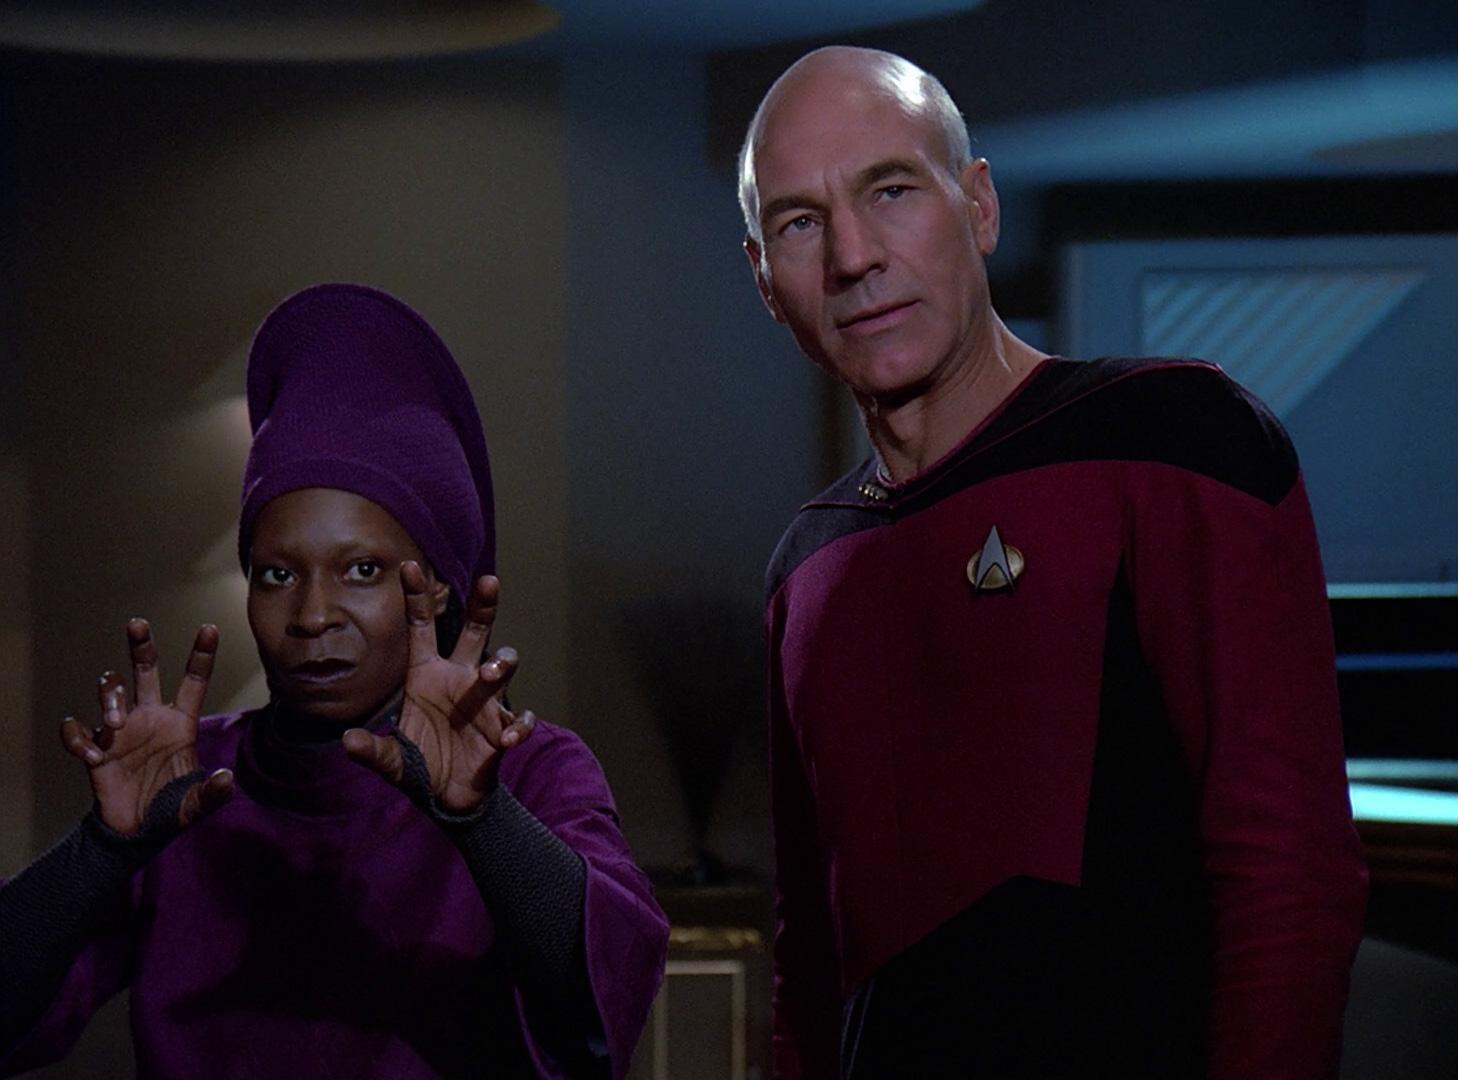 La phase 2 pour Jean-Luc Picard annoncée — Star Trek